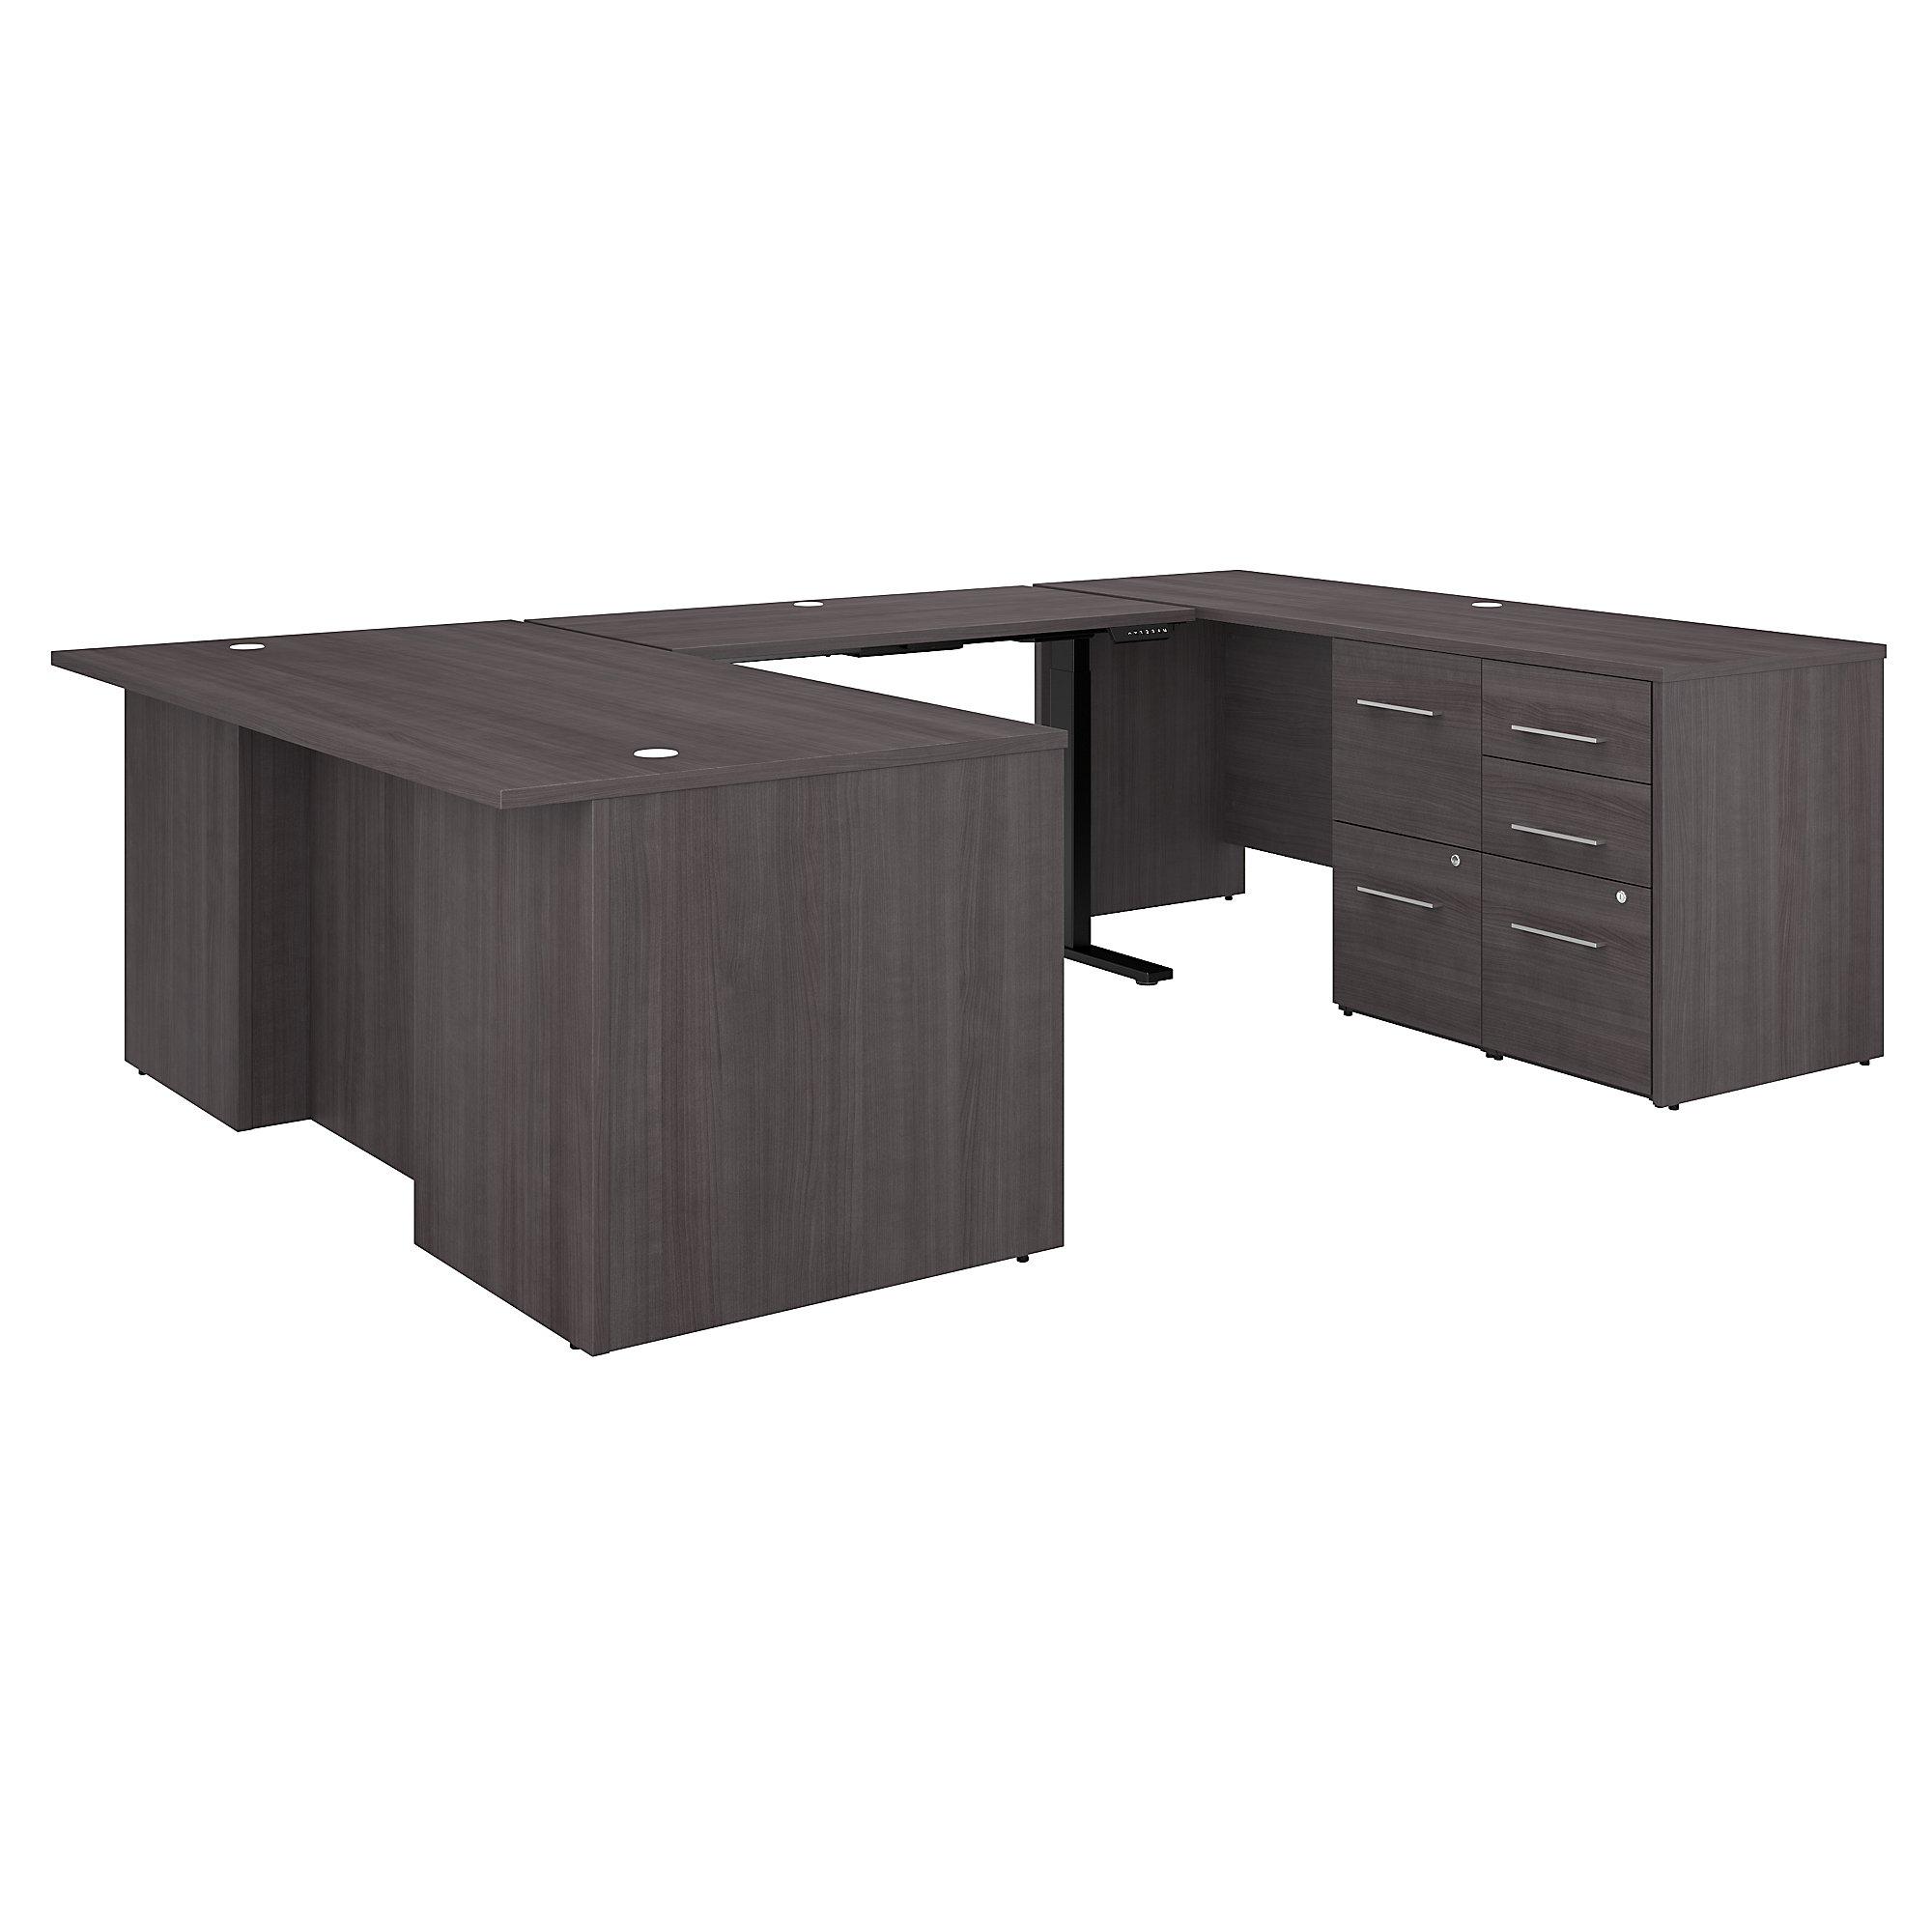 height adjustable office 500 u-desk in storm gray